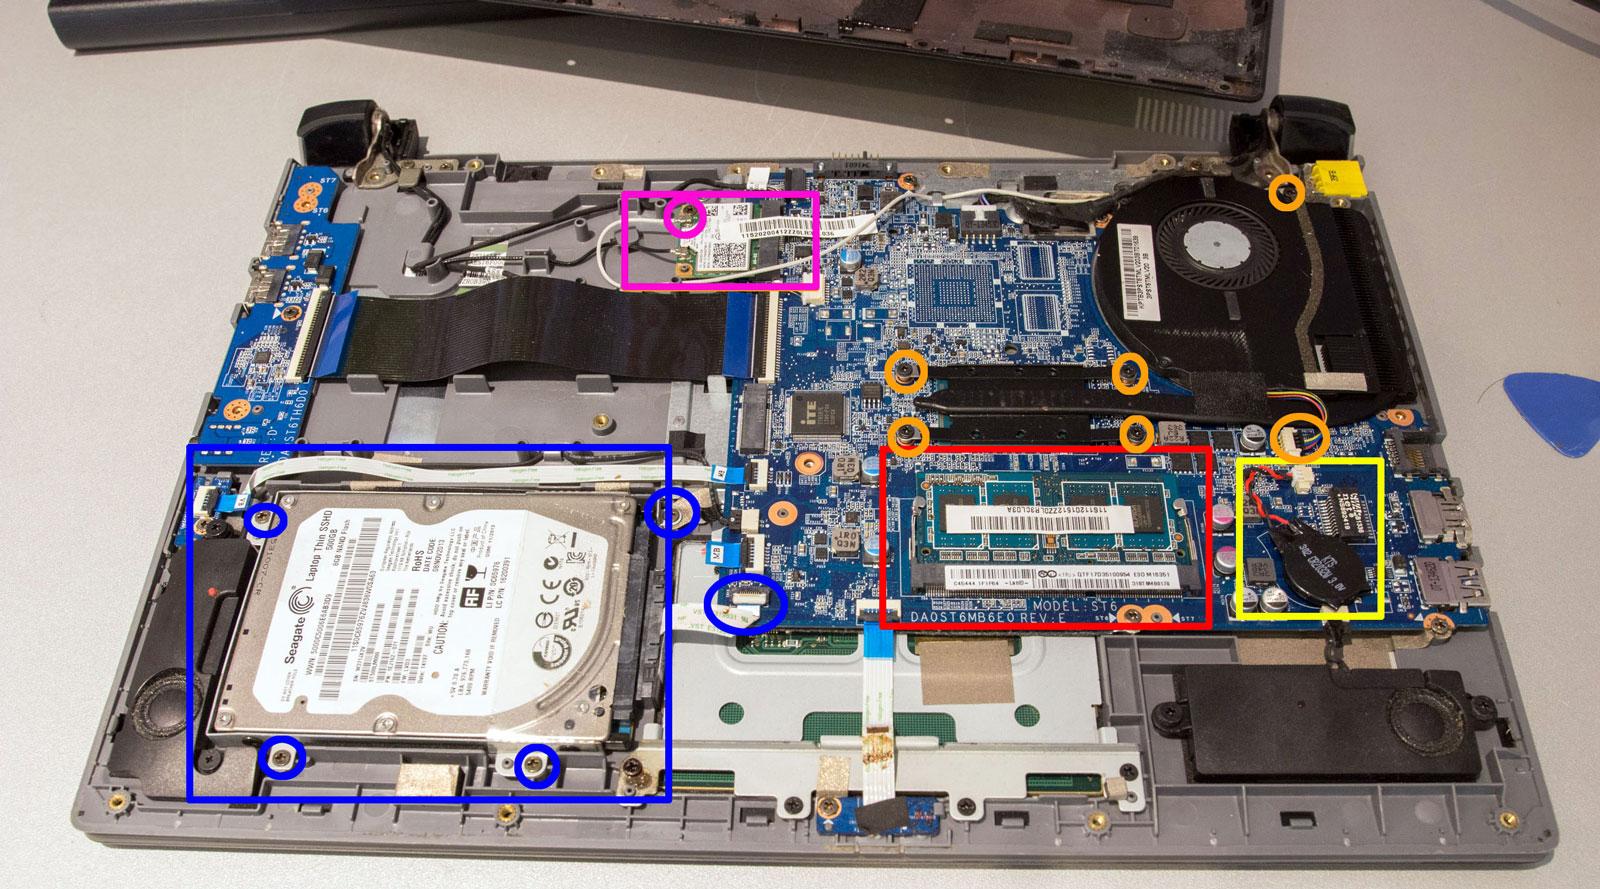 d montage lenovo ideapad flex 14 changer clavier disque dur ram pc okay versailles 78. Black Bedroom Furniture Sets. Home Design Ideas